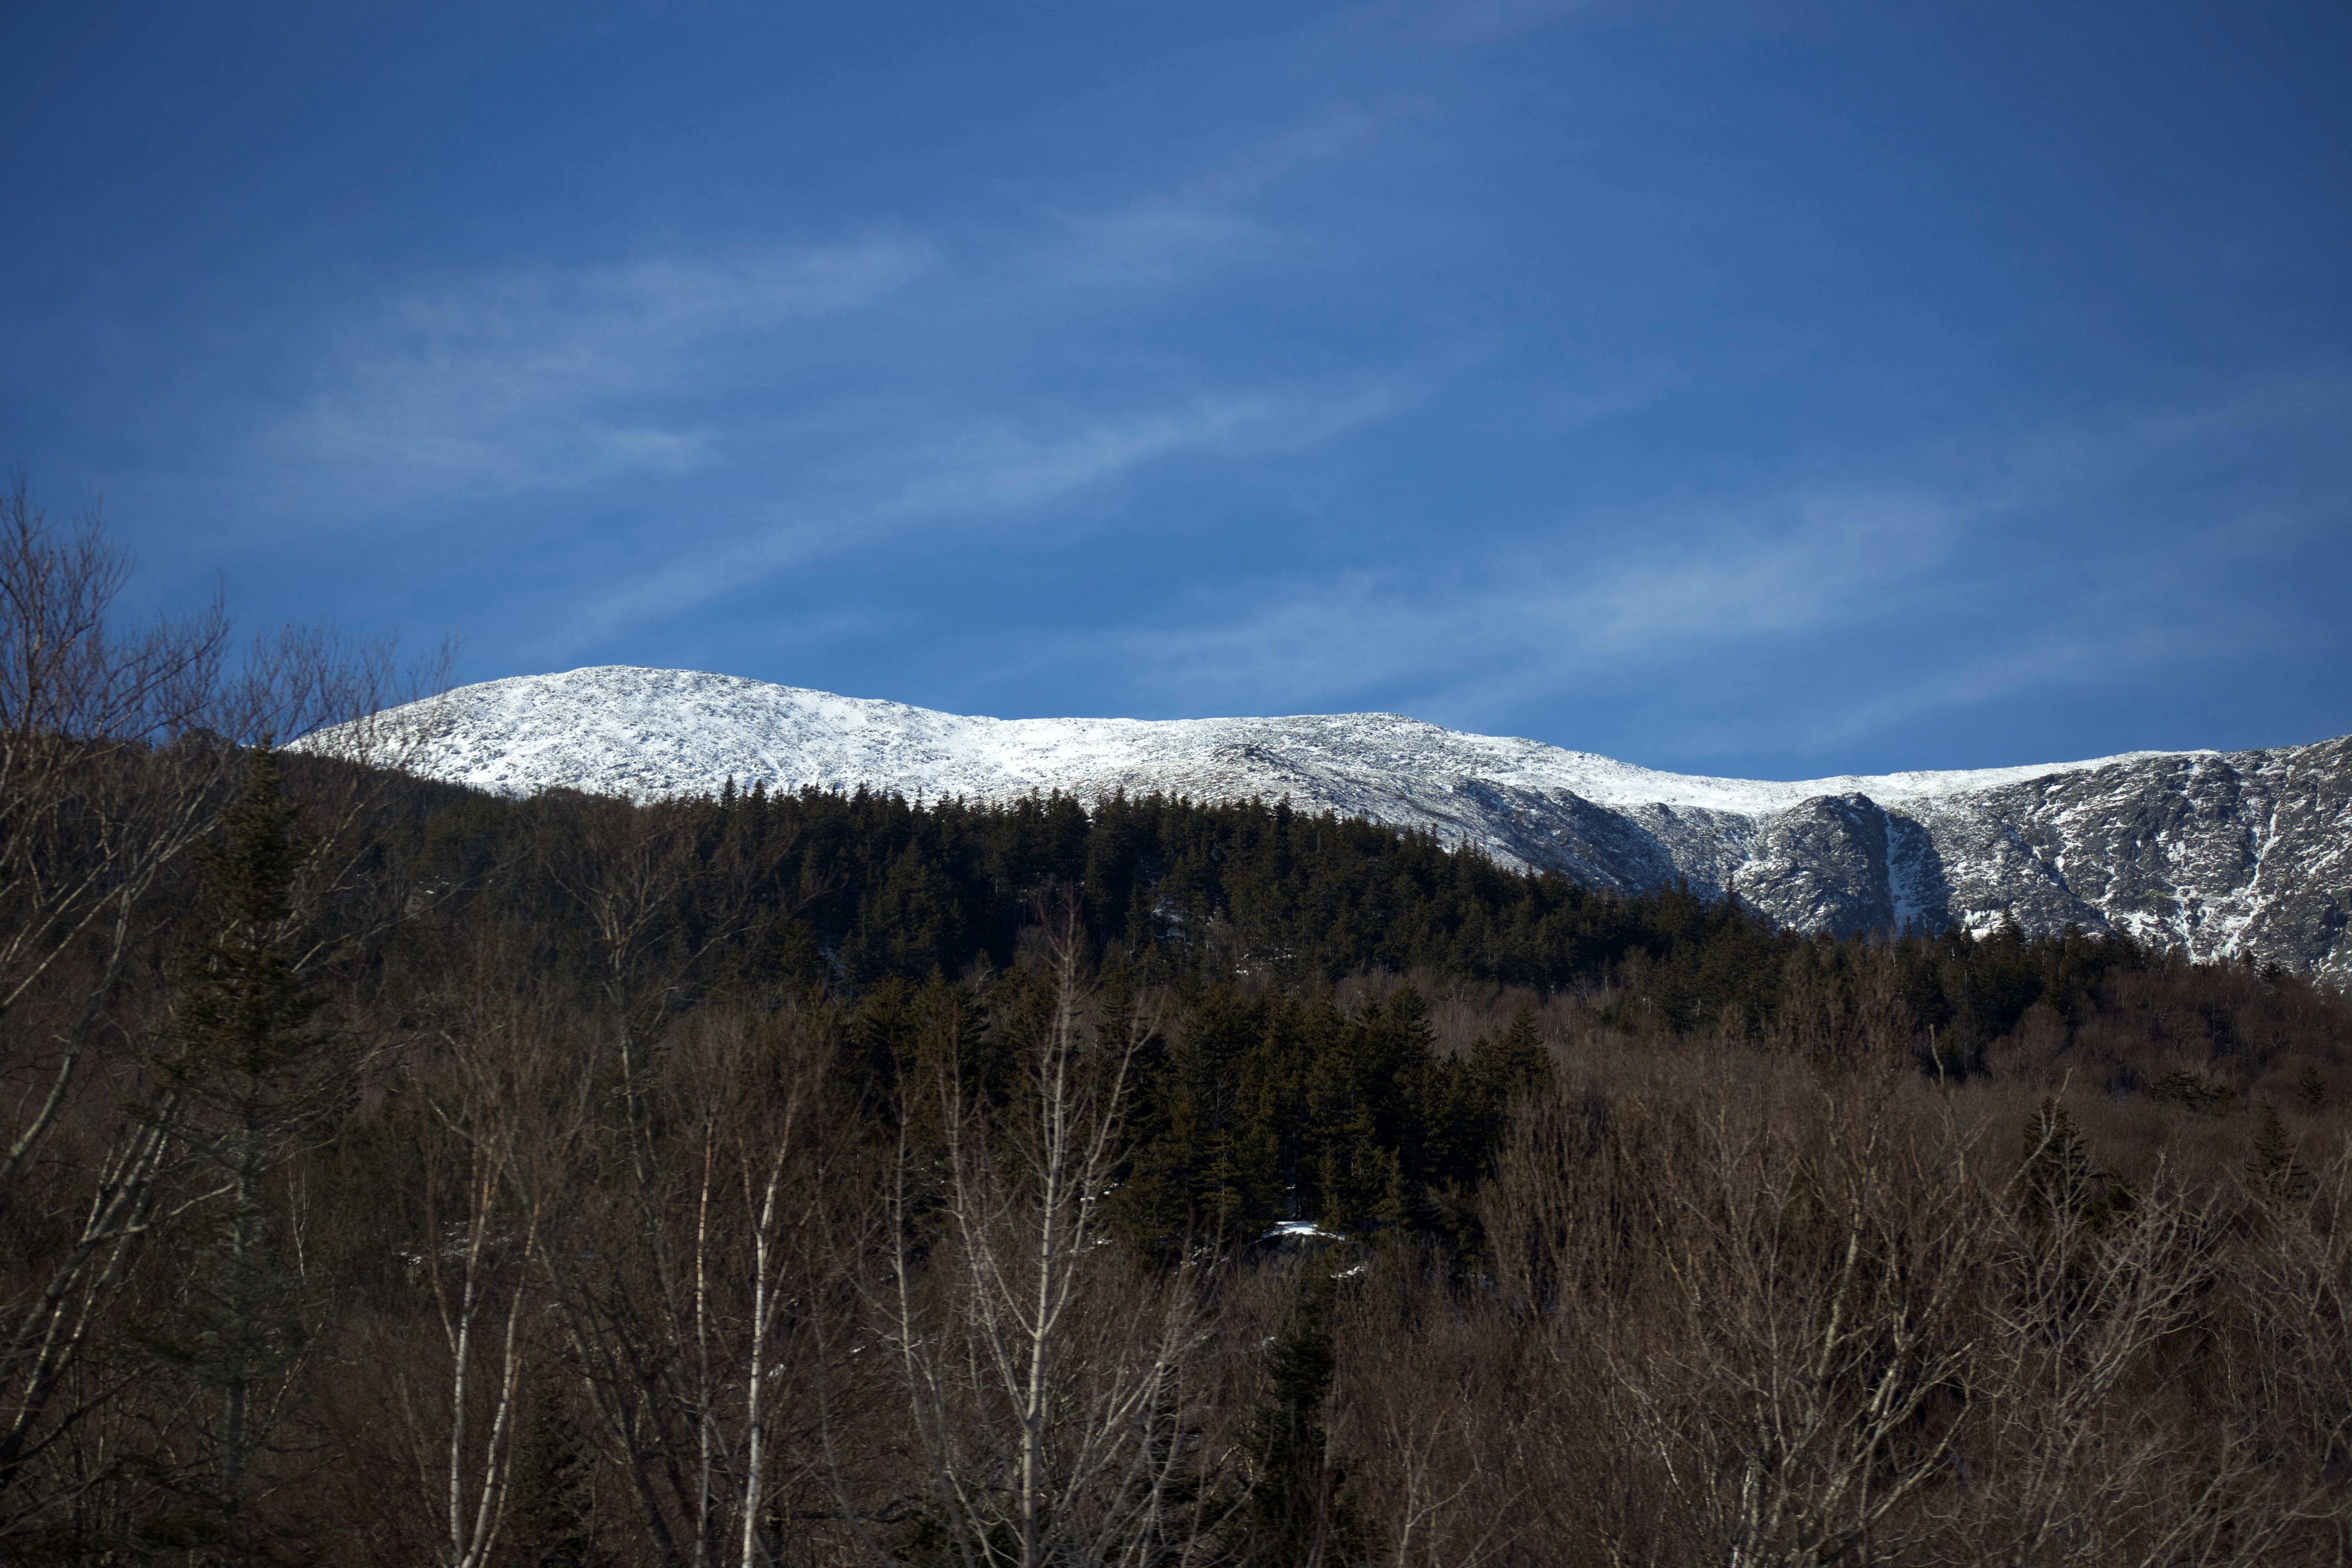 冬季, 山, 景觀, 森林 的 免费素材照片